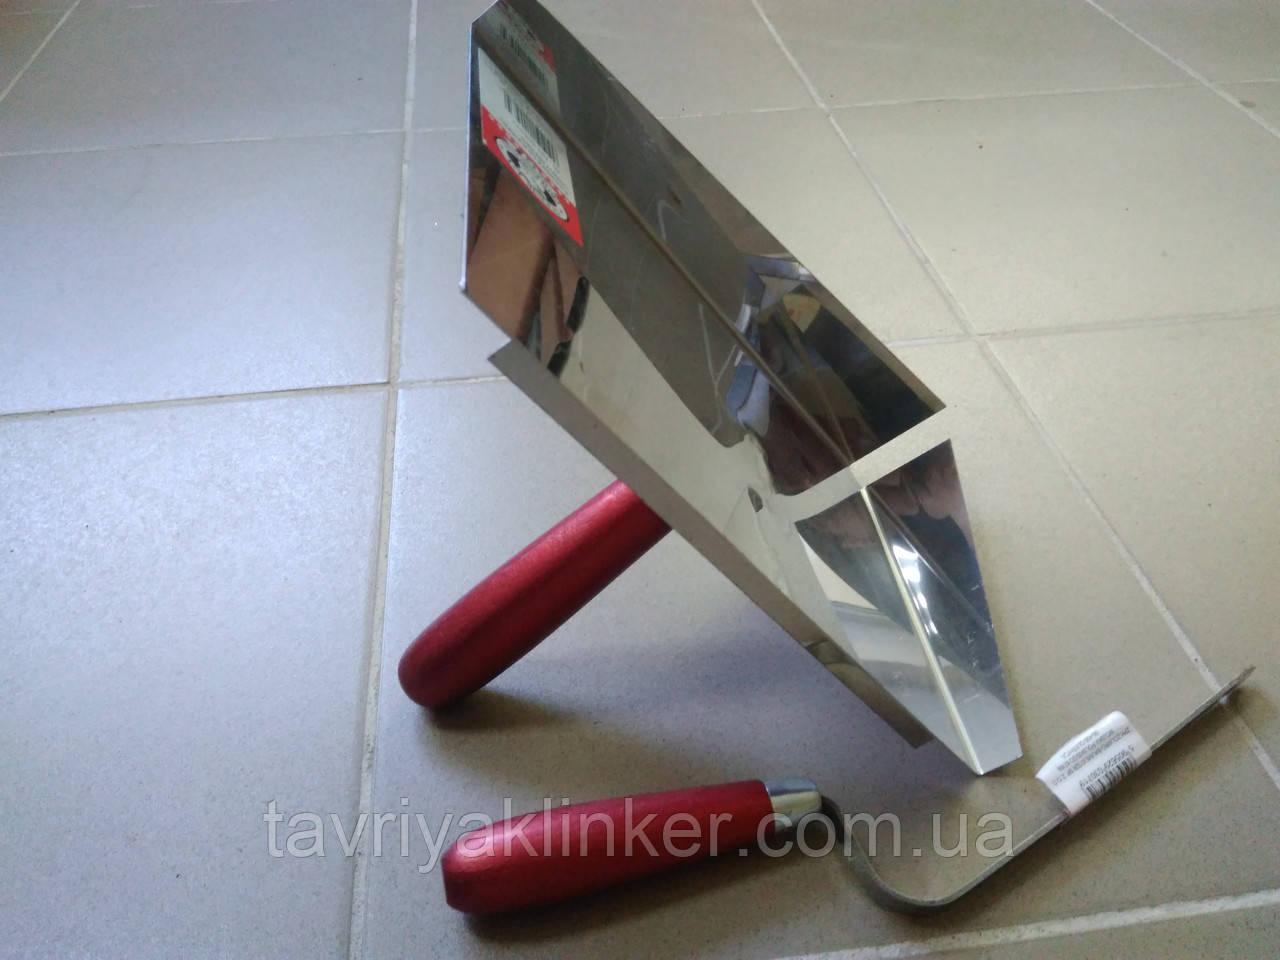 Кельма для расшивки швов 8, 10, 12 мм с платформой (комплект)